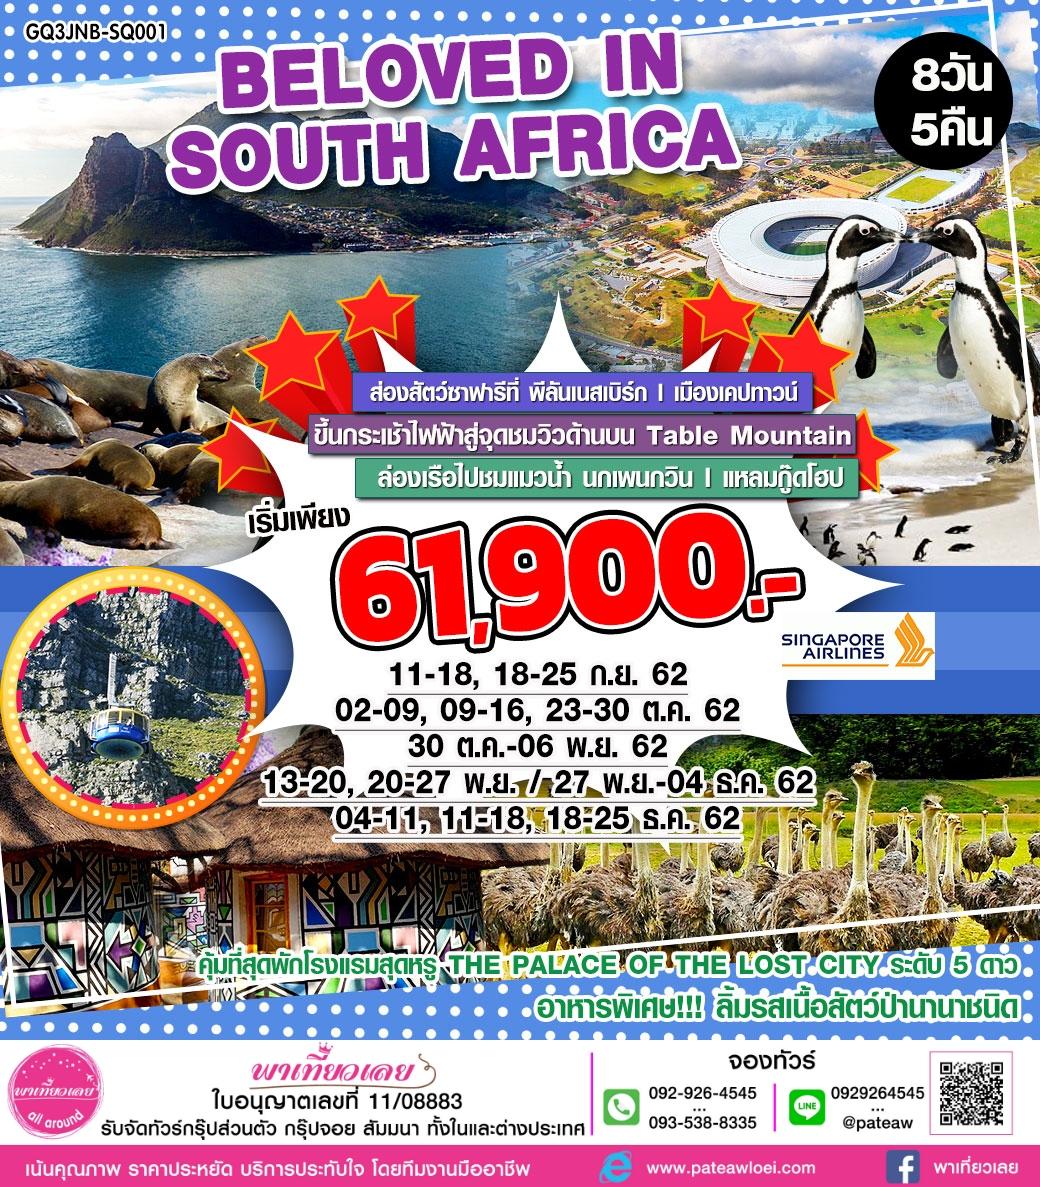 แอฟริกาใต้ BELOVED IN SOUTH AFRICA 8วัน 5คืน